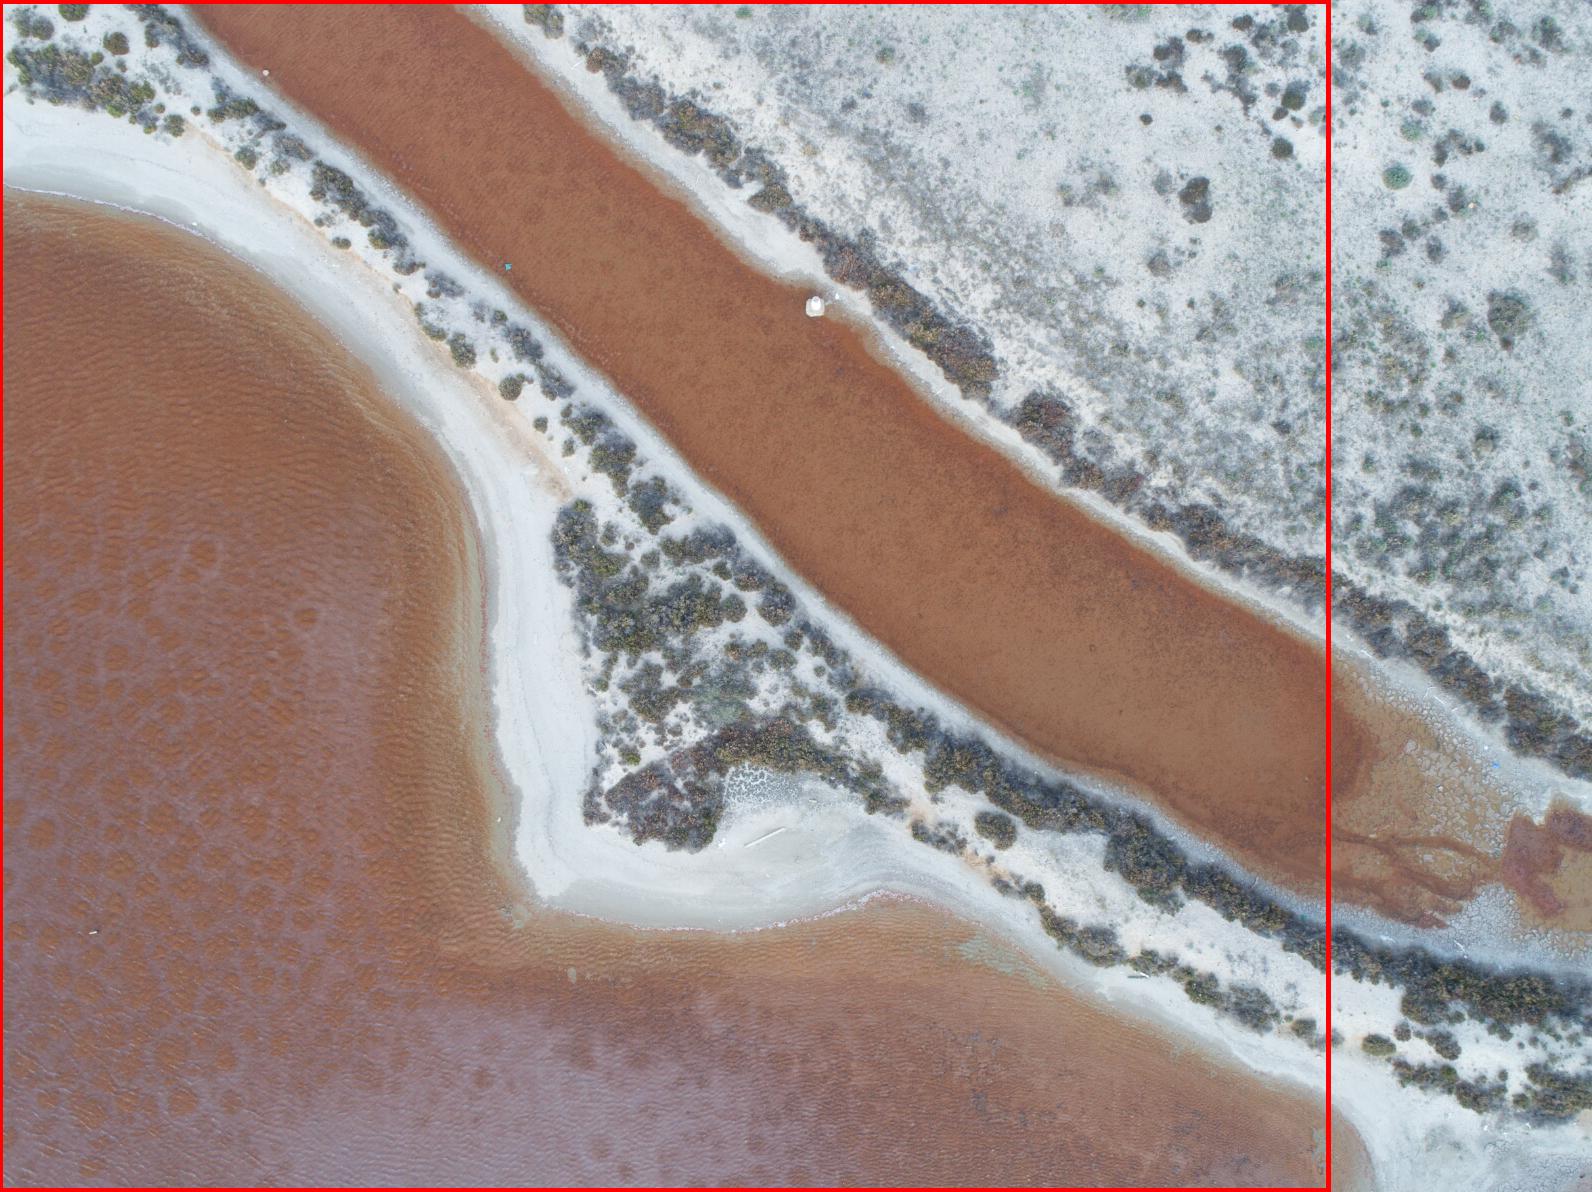 fotografia-aerea-con-nuevo-encuadre